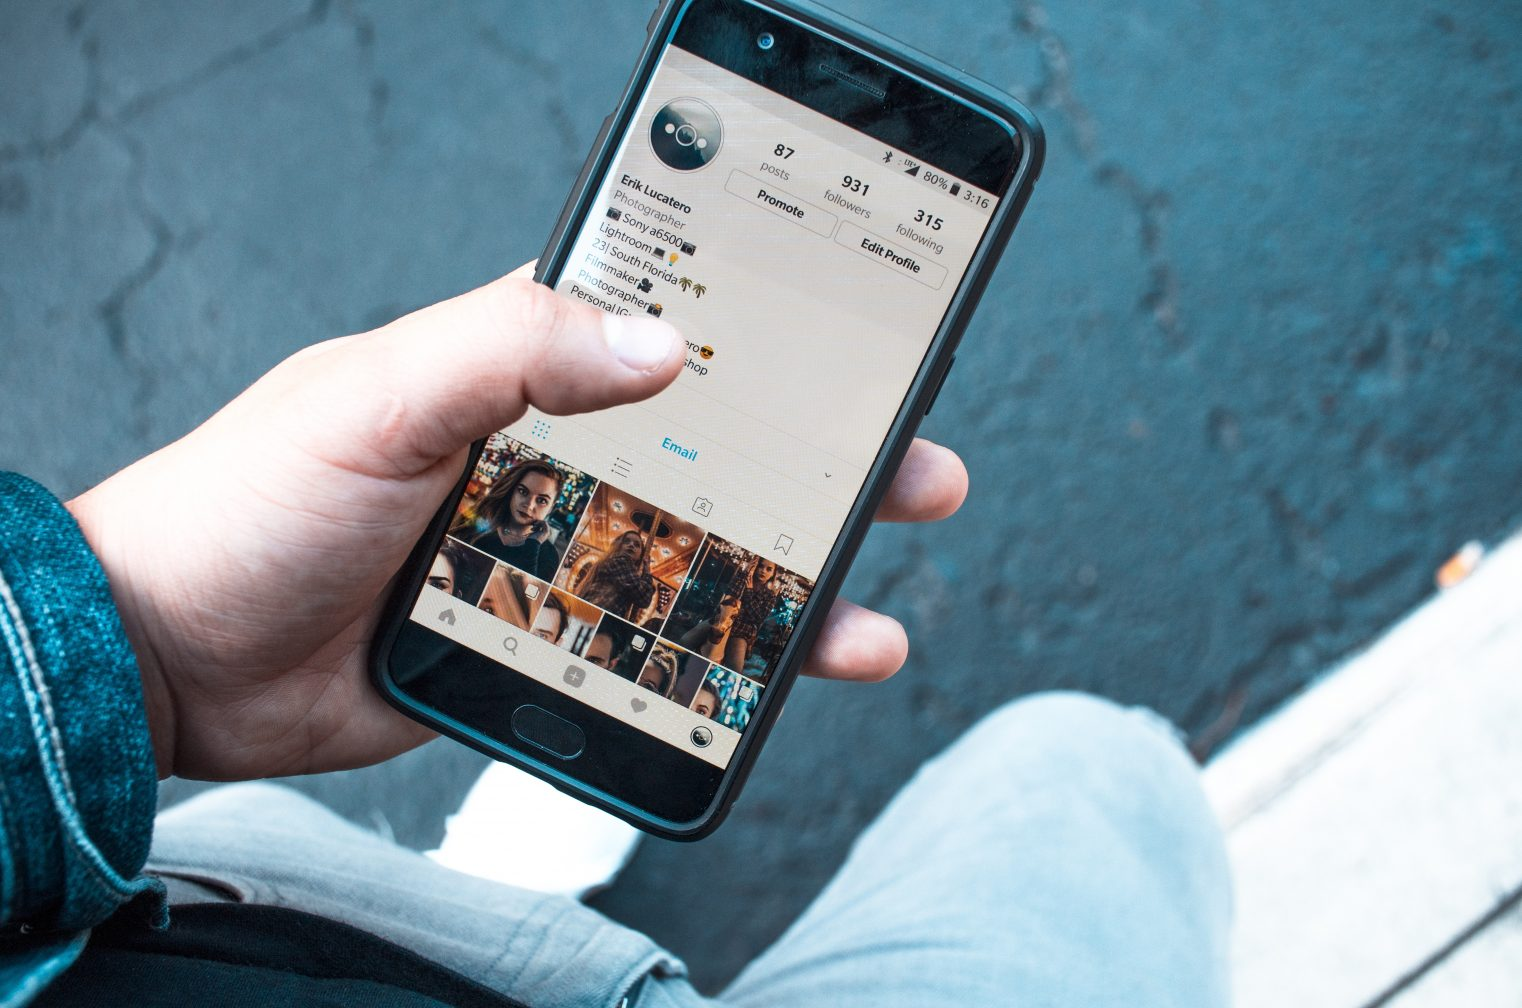 ハイセンスで高コスパ! 『Instagram』内PR動画の好事例を見る